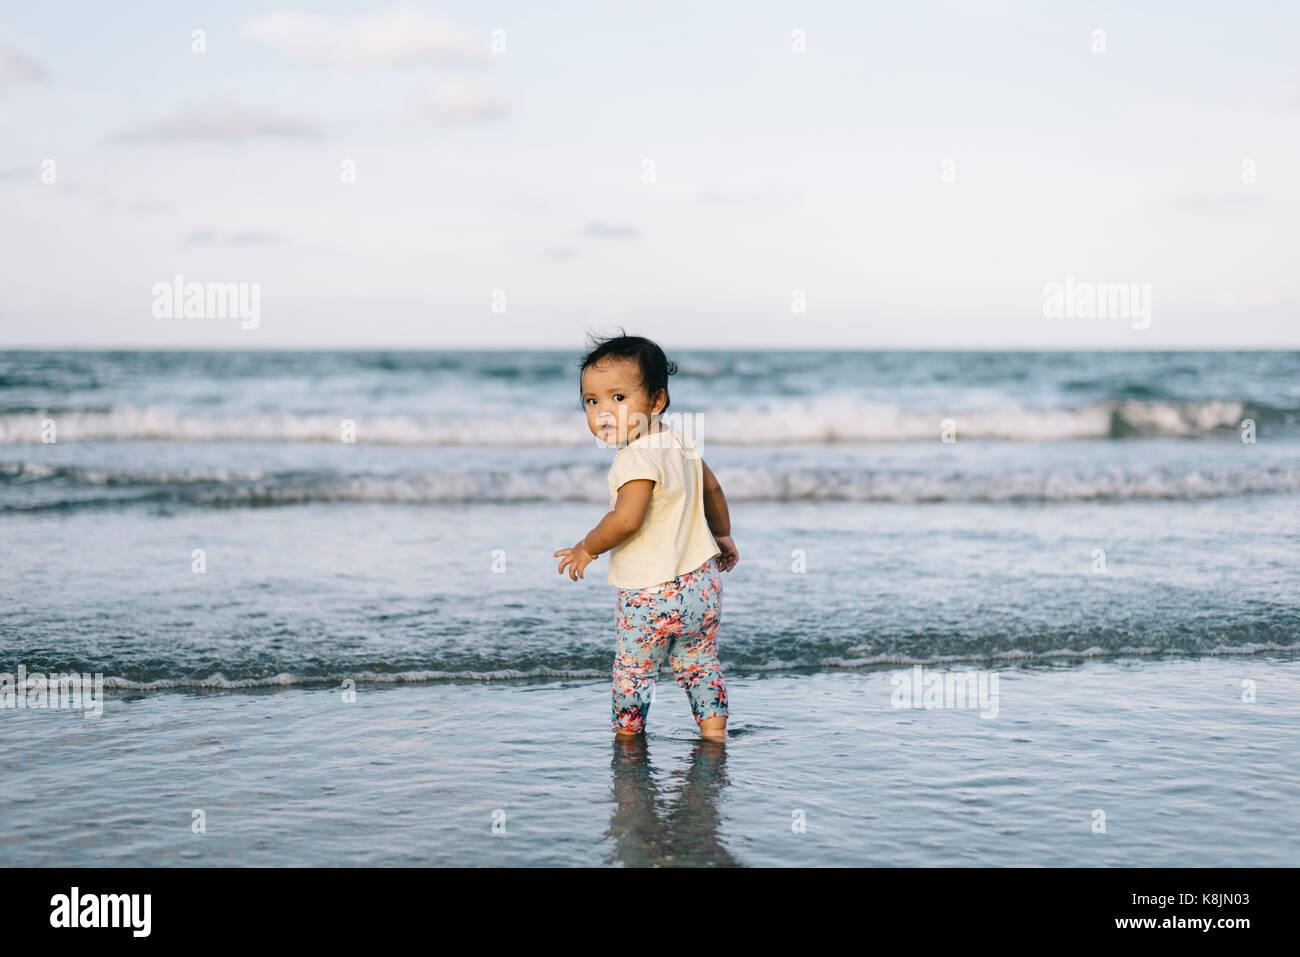 Bebé o niño jugando en la playa por primera vez ondas haciendo cara curiosa.aprendizaje.Concepto de crianza Imagen De Stock